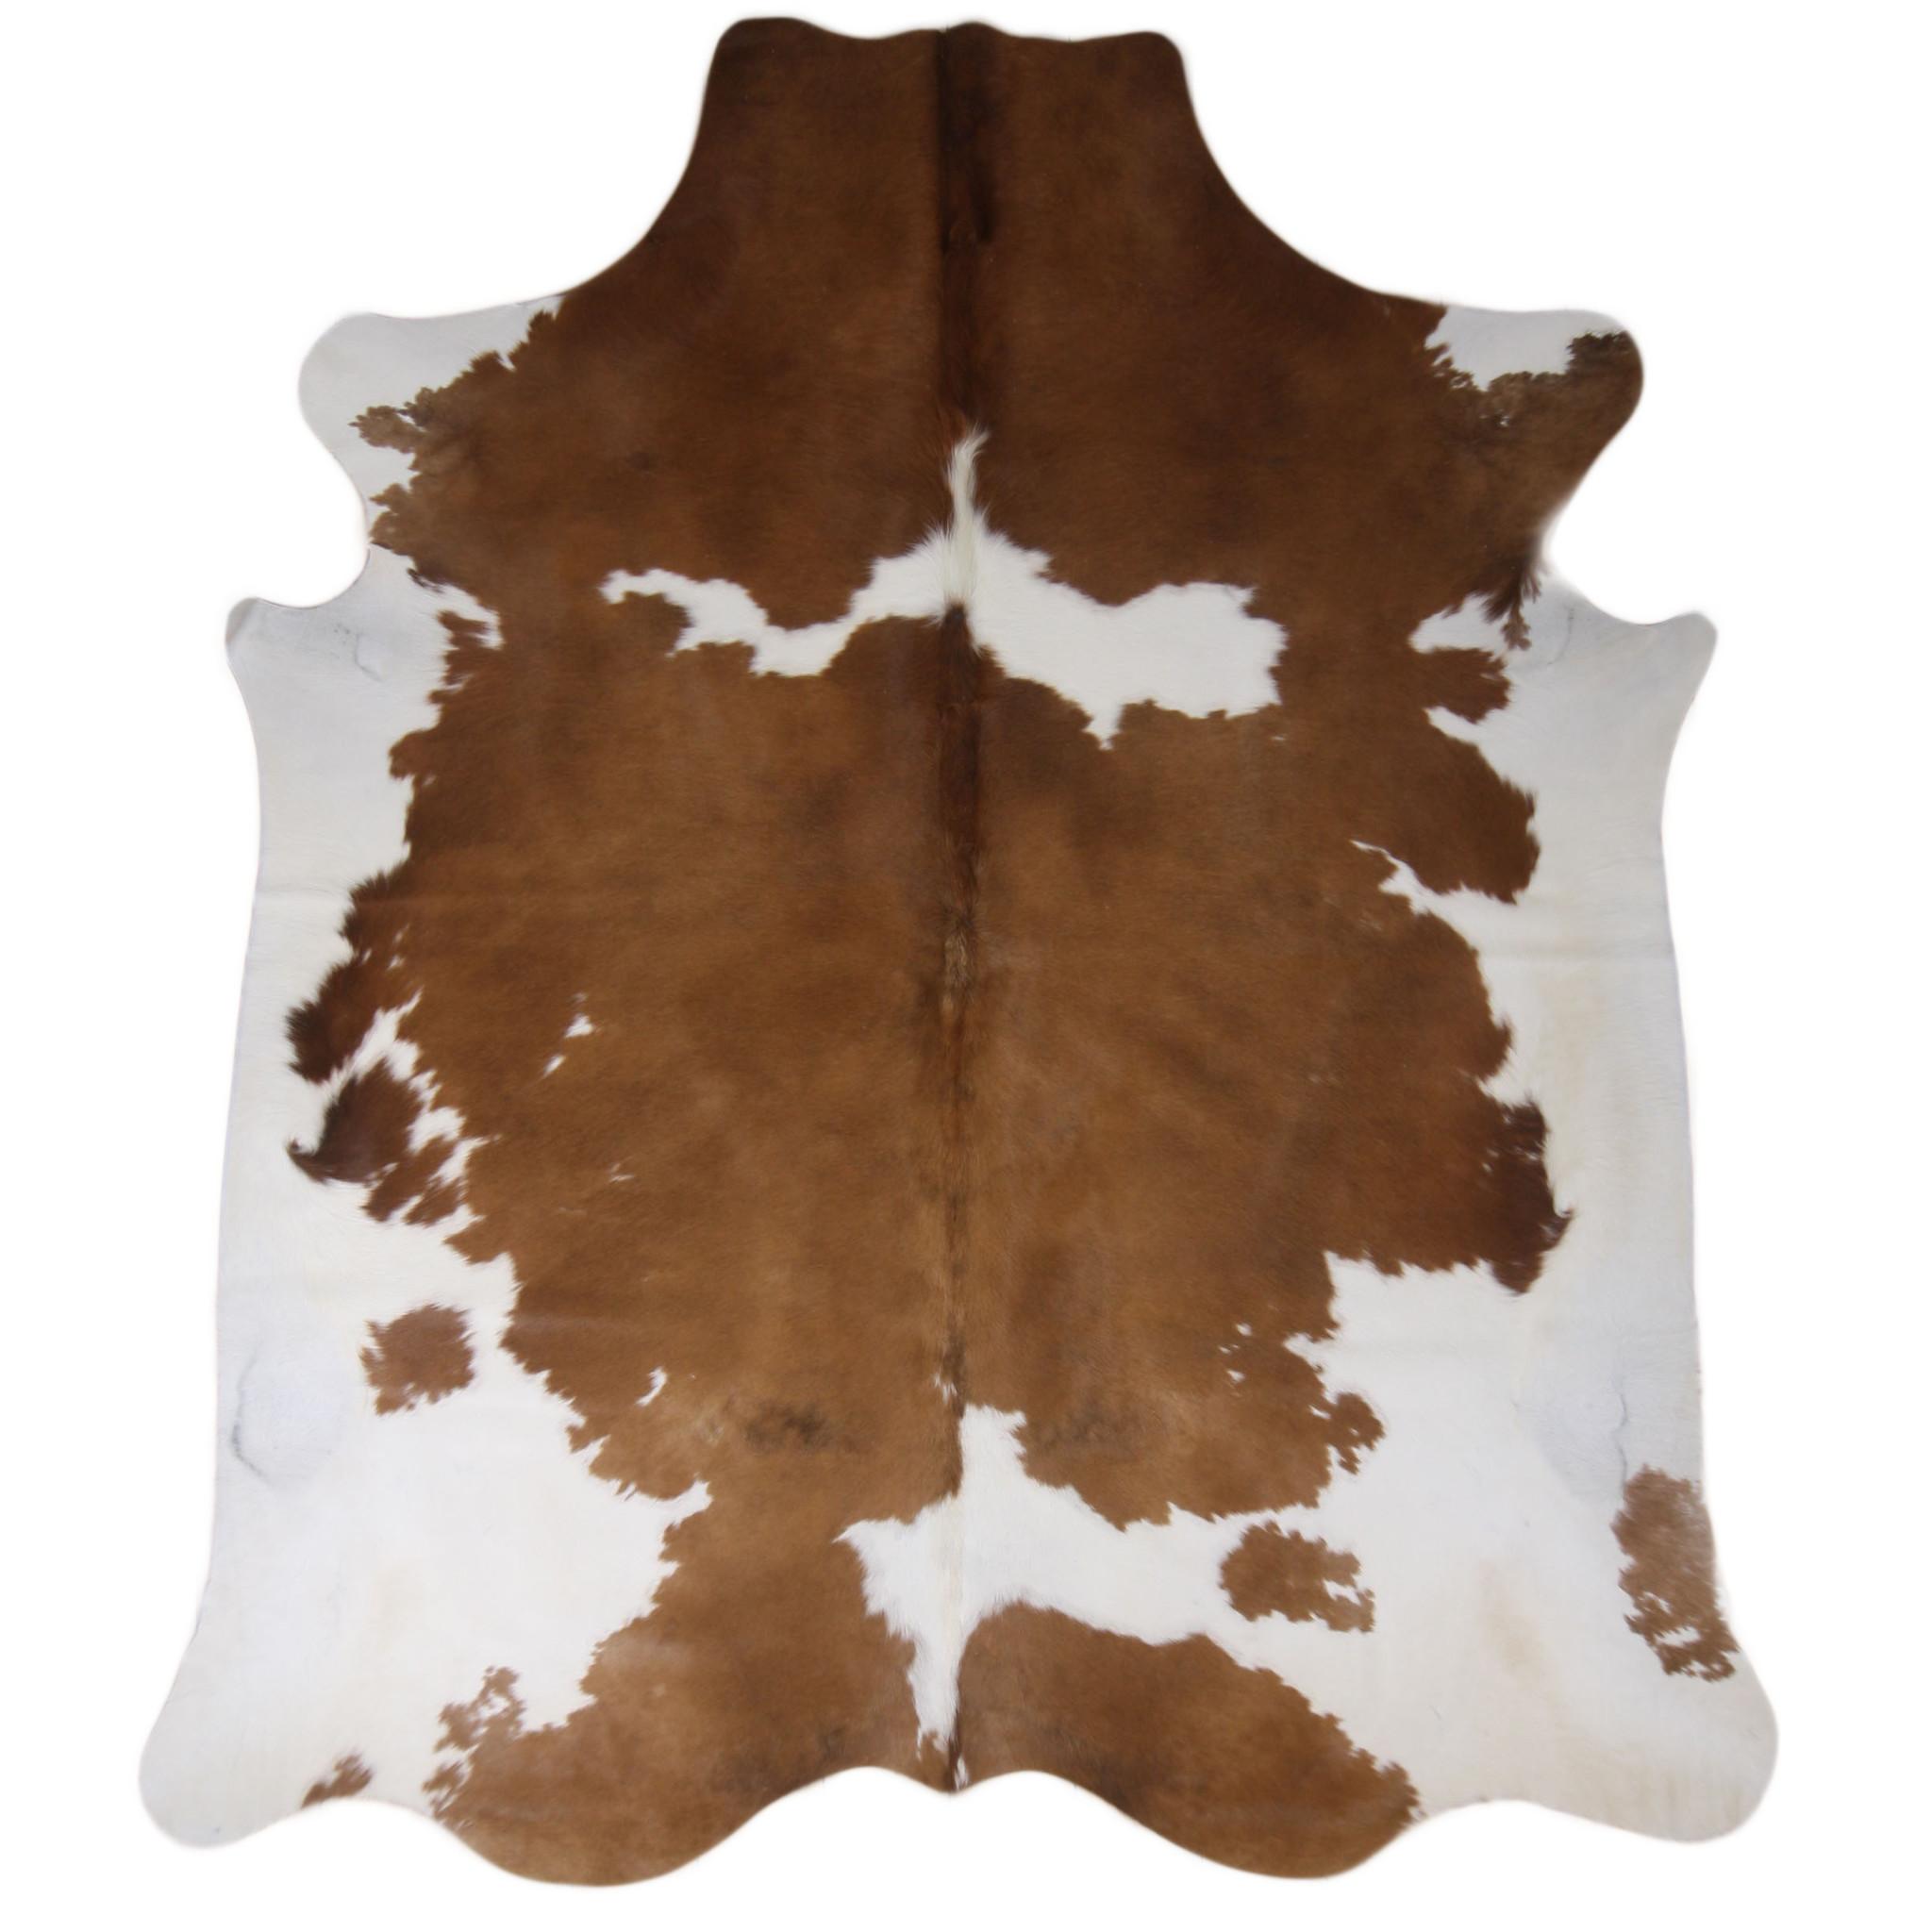 Van Buren Bruin-witte koeienhuid vloerkleed